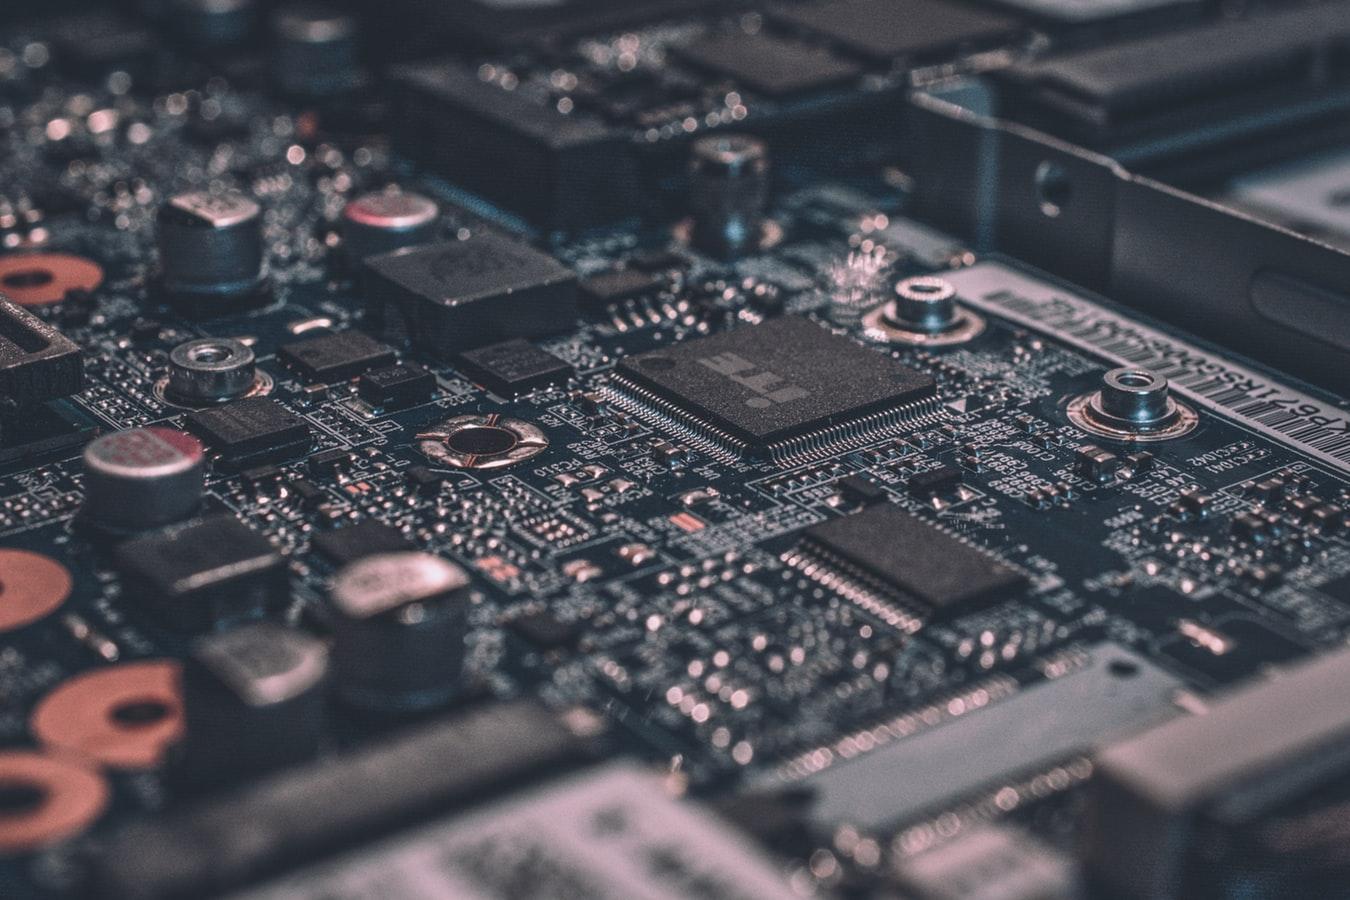 Le matériel informatique